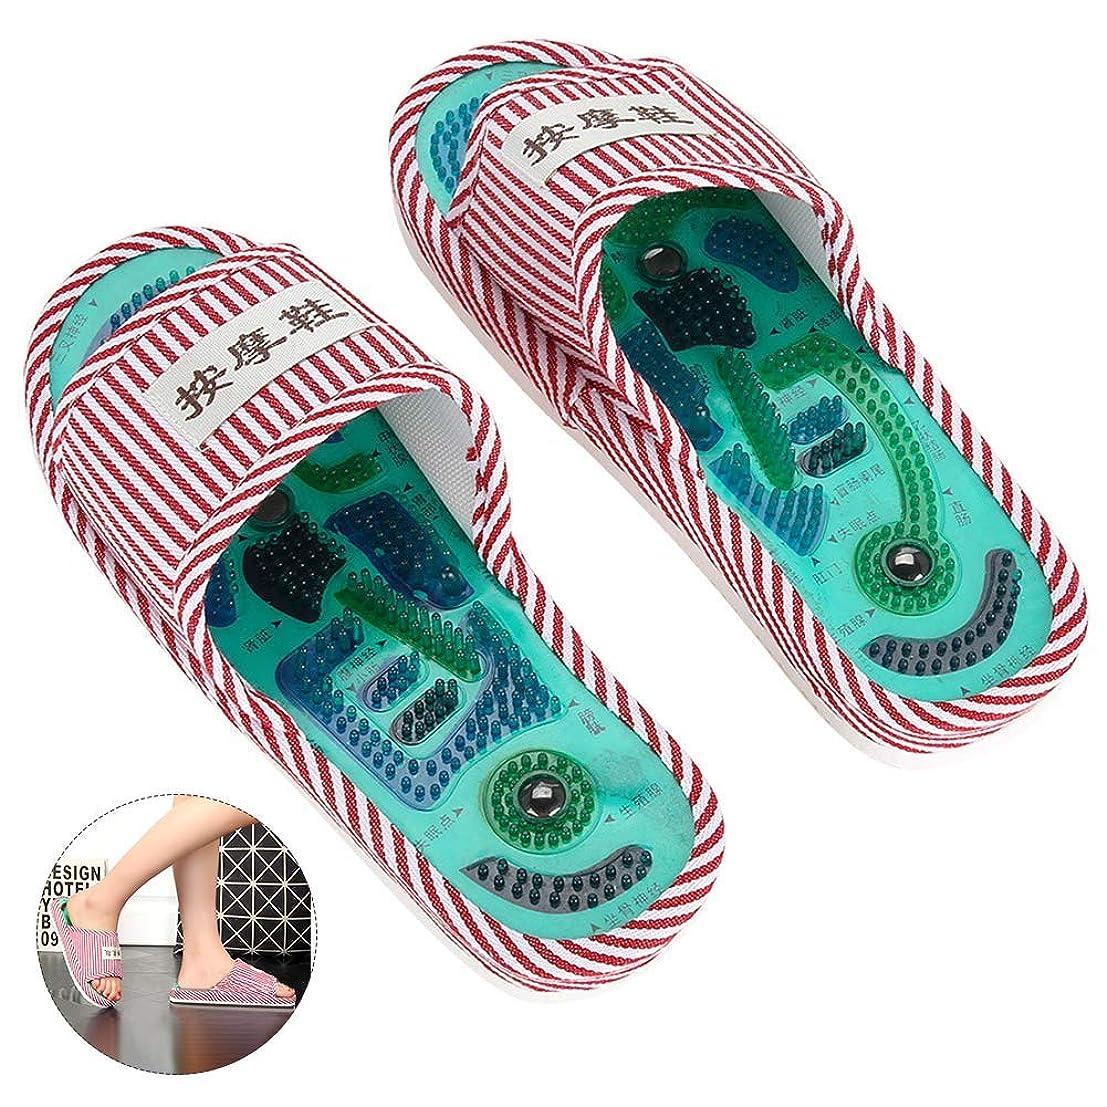 方法論陰謀テーブルを設定する1ペア指圧足のマッサージスリッパ鍼灸ツボマッサージサンダル靴、で、マグネットリフレクソロジー健康靴用男性女性,Pink